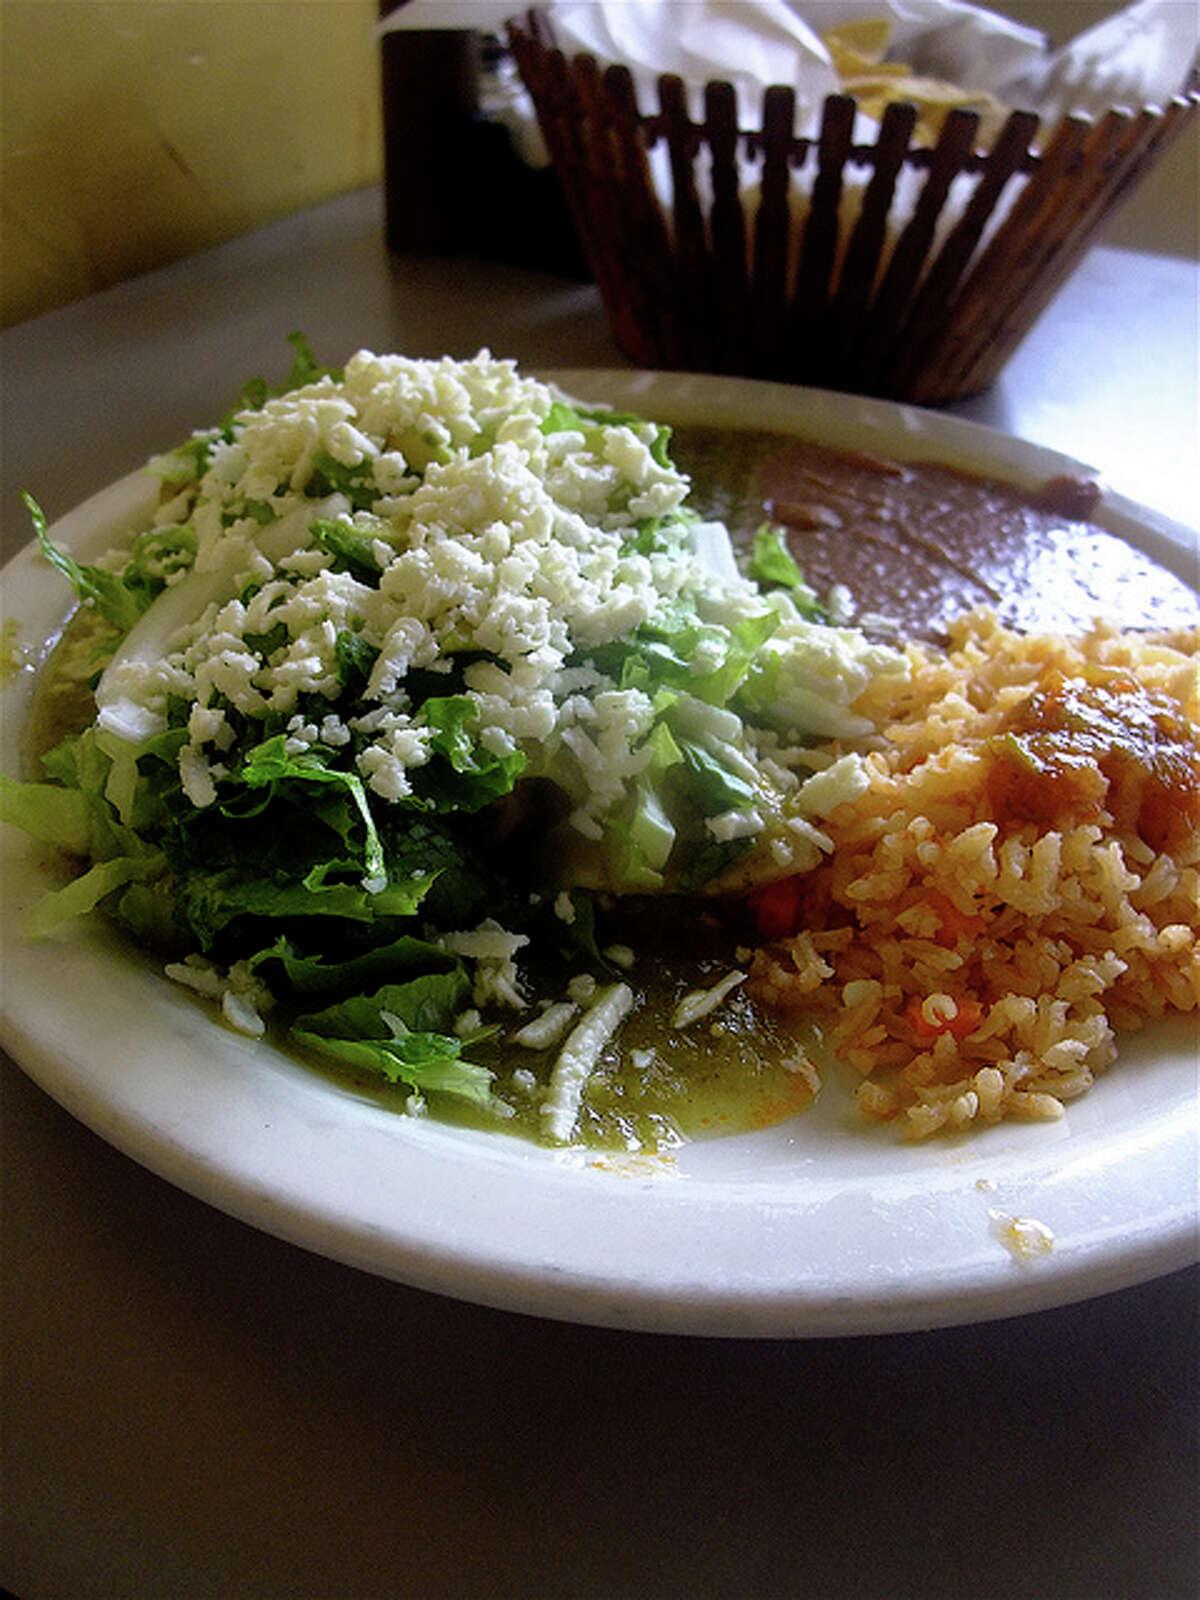 Enchiladas verdes at La Guadalupana